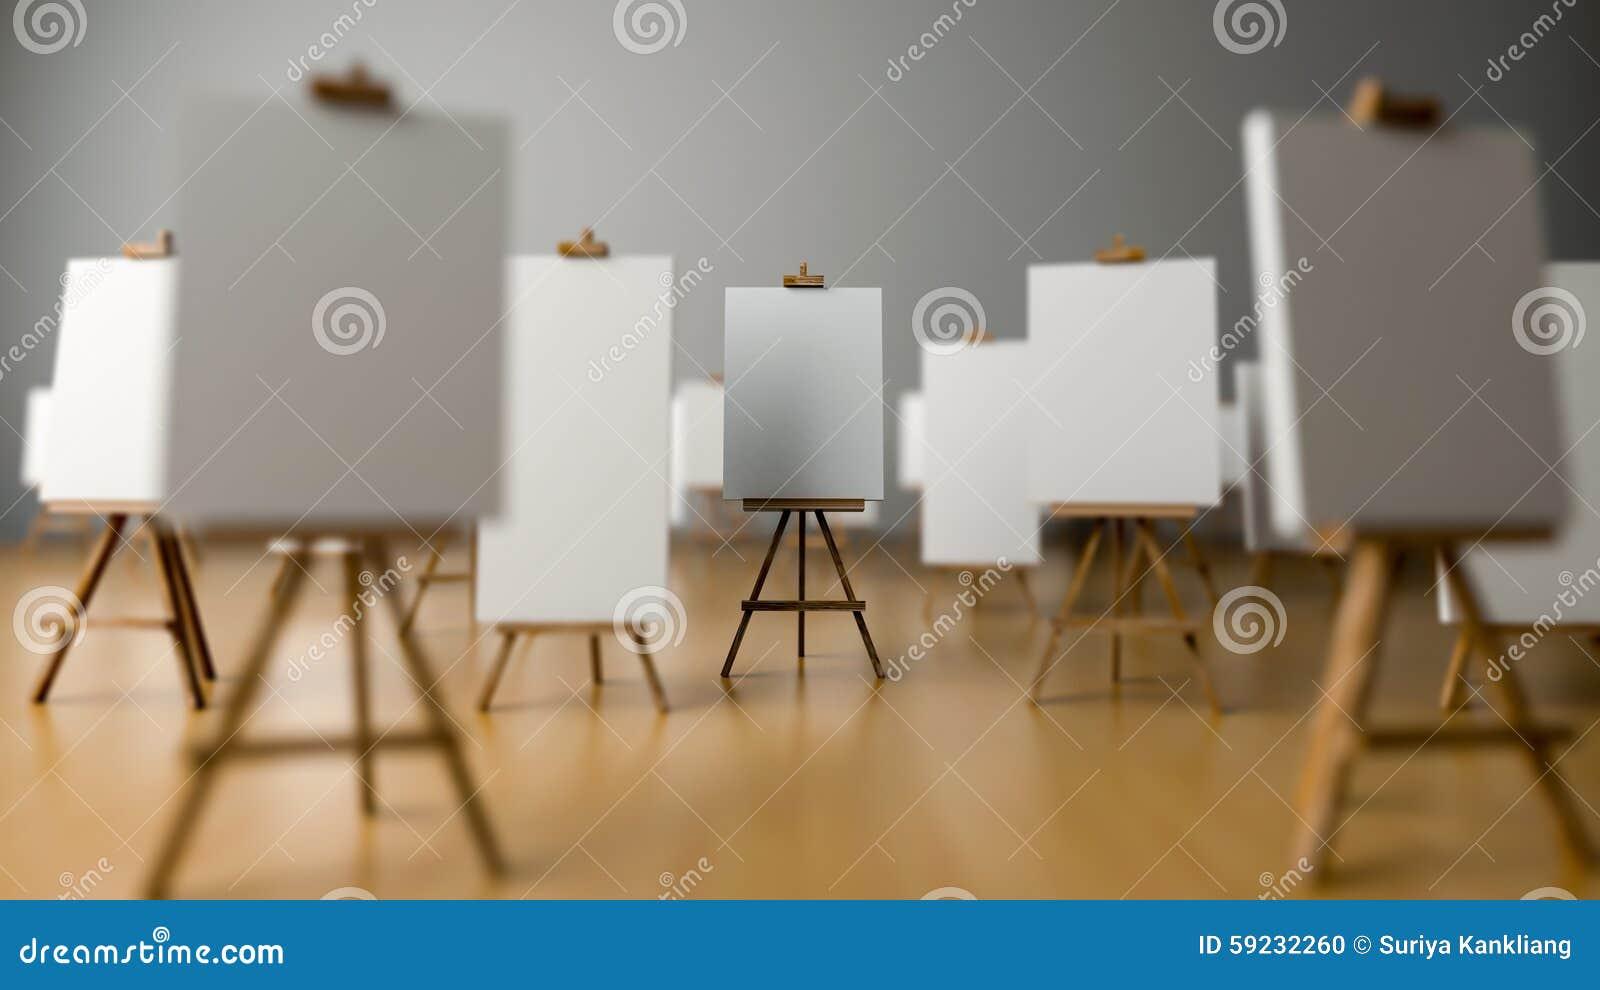 Pintura del trípode